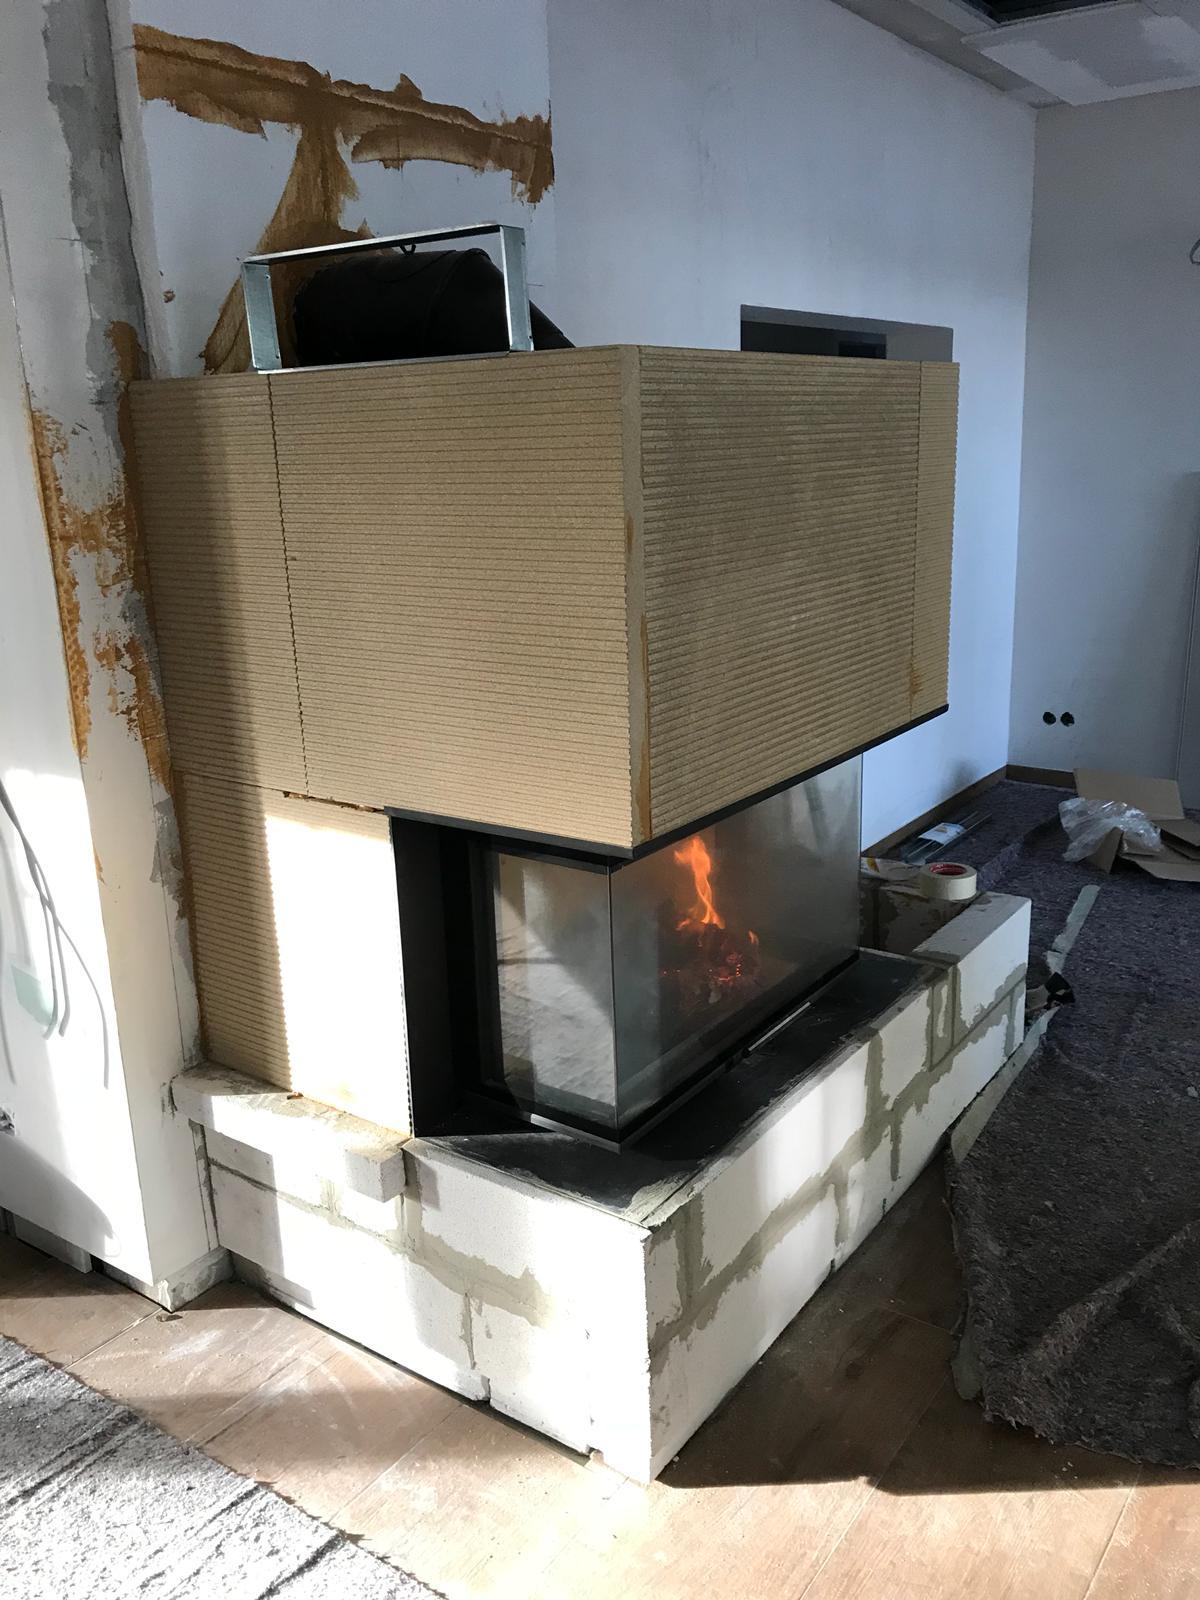 Die Kaminverkleidung ist aus Grenasisol-Kaminbauplatten mit einer Stärke von 40 mm gefertigt worden.